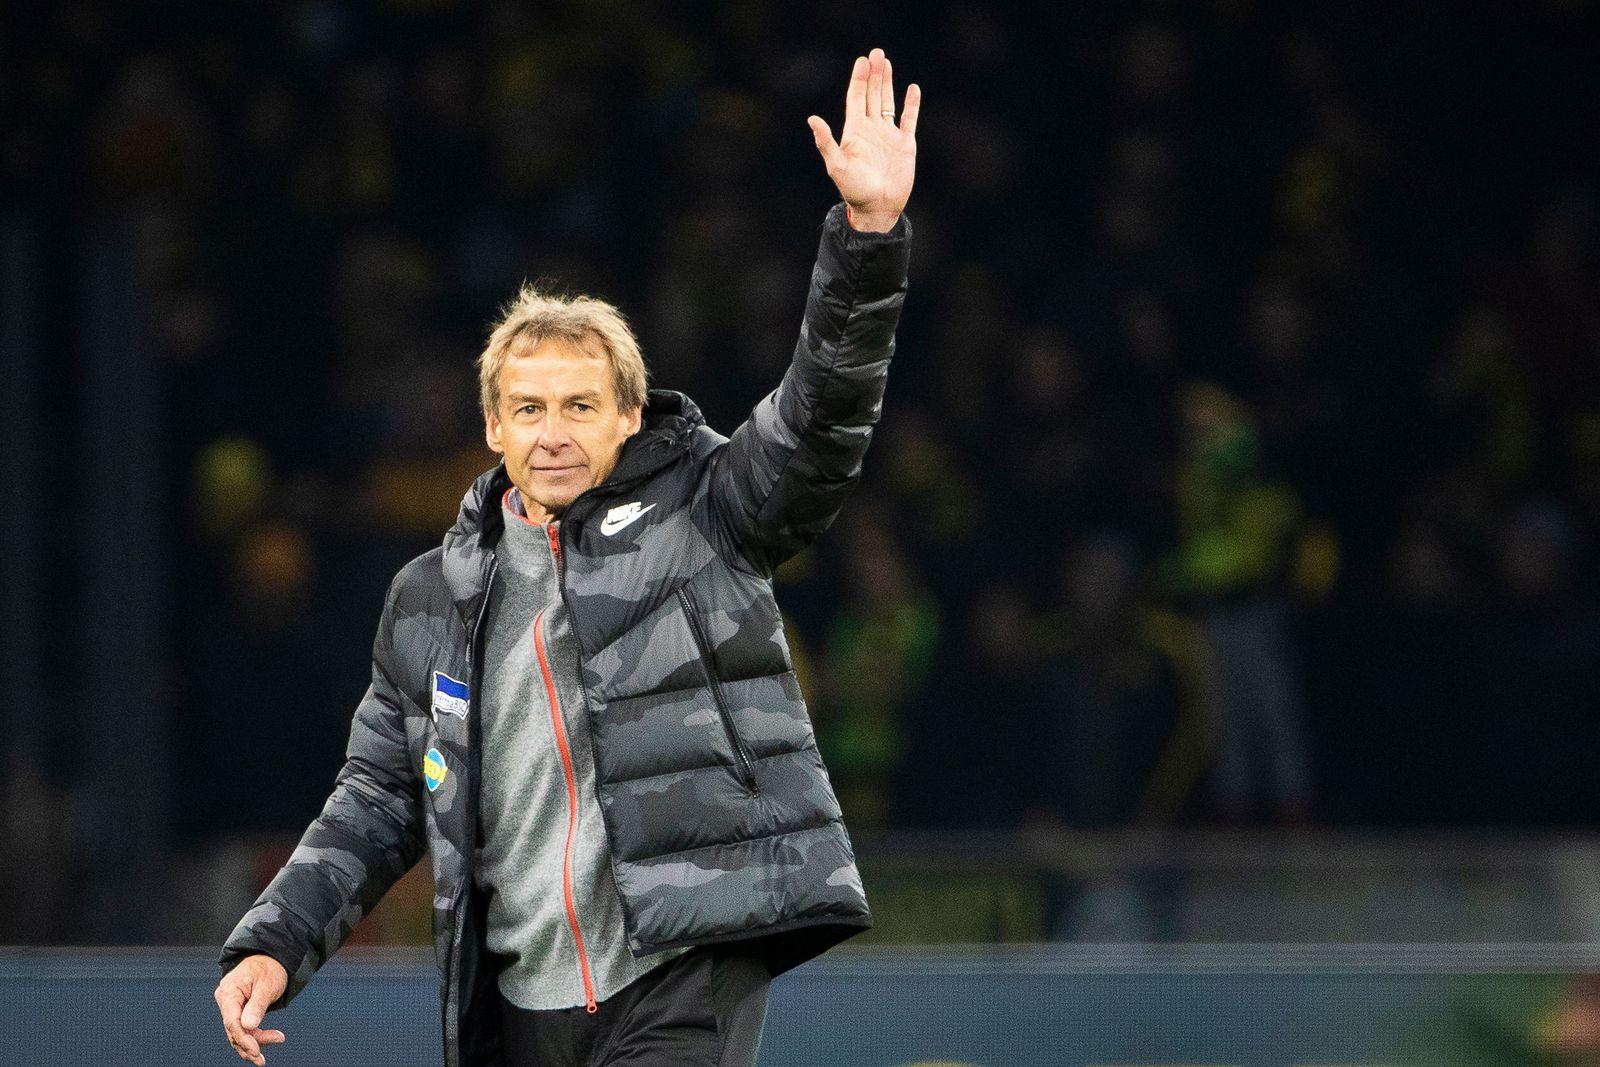 Juergen Klinsmann steps down as Hertha BSC coach, Berlin, Germany - 30 Nov 2019